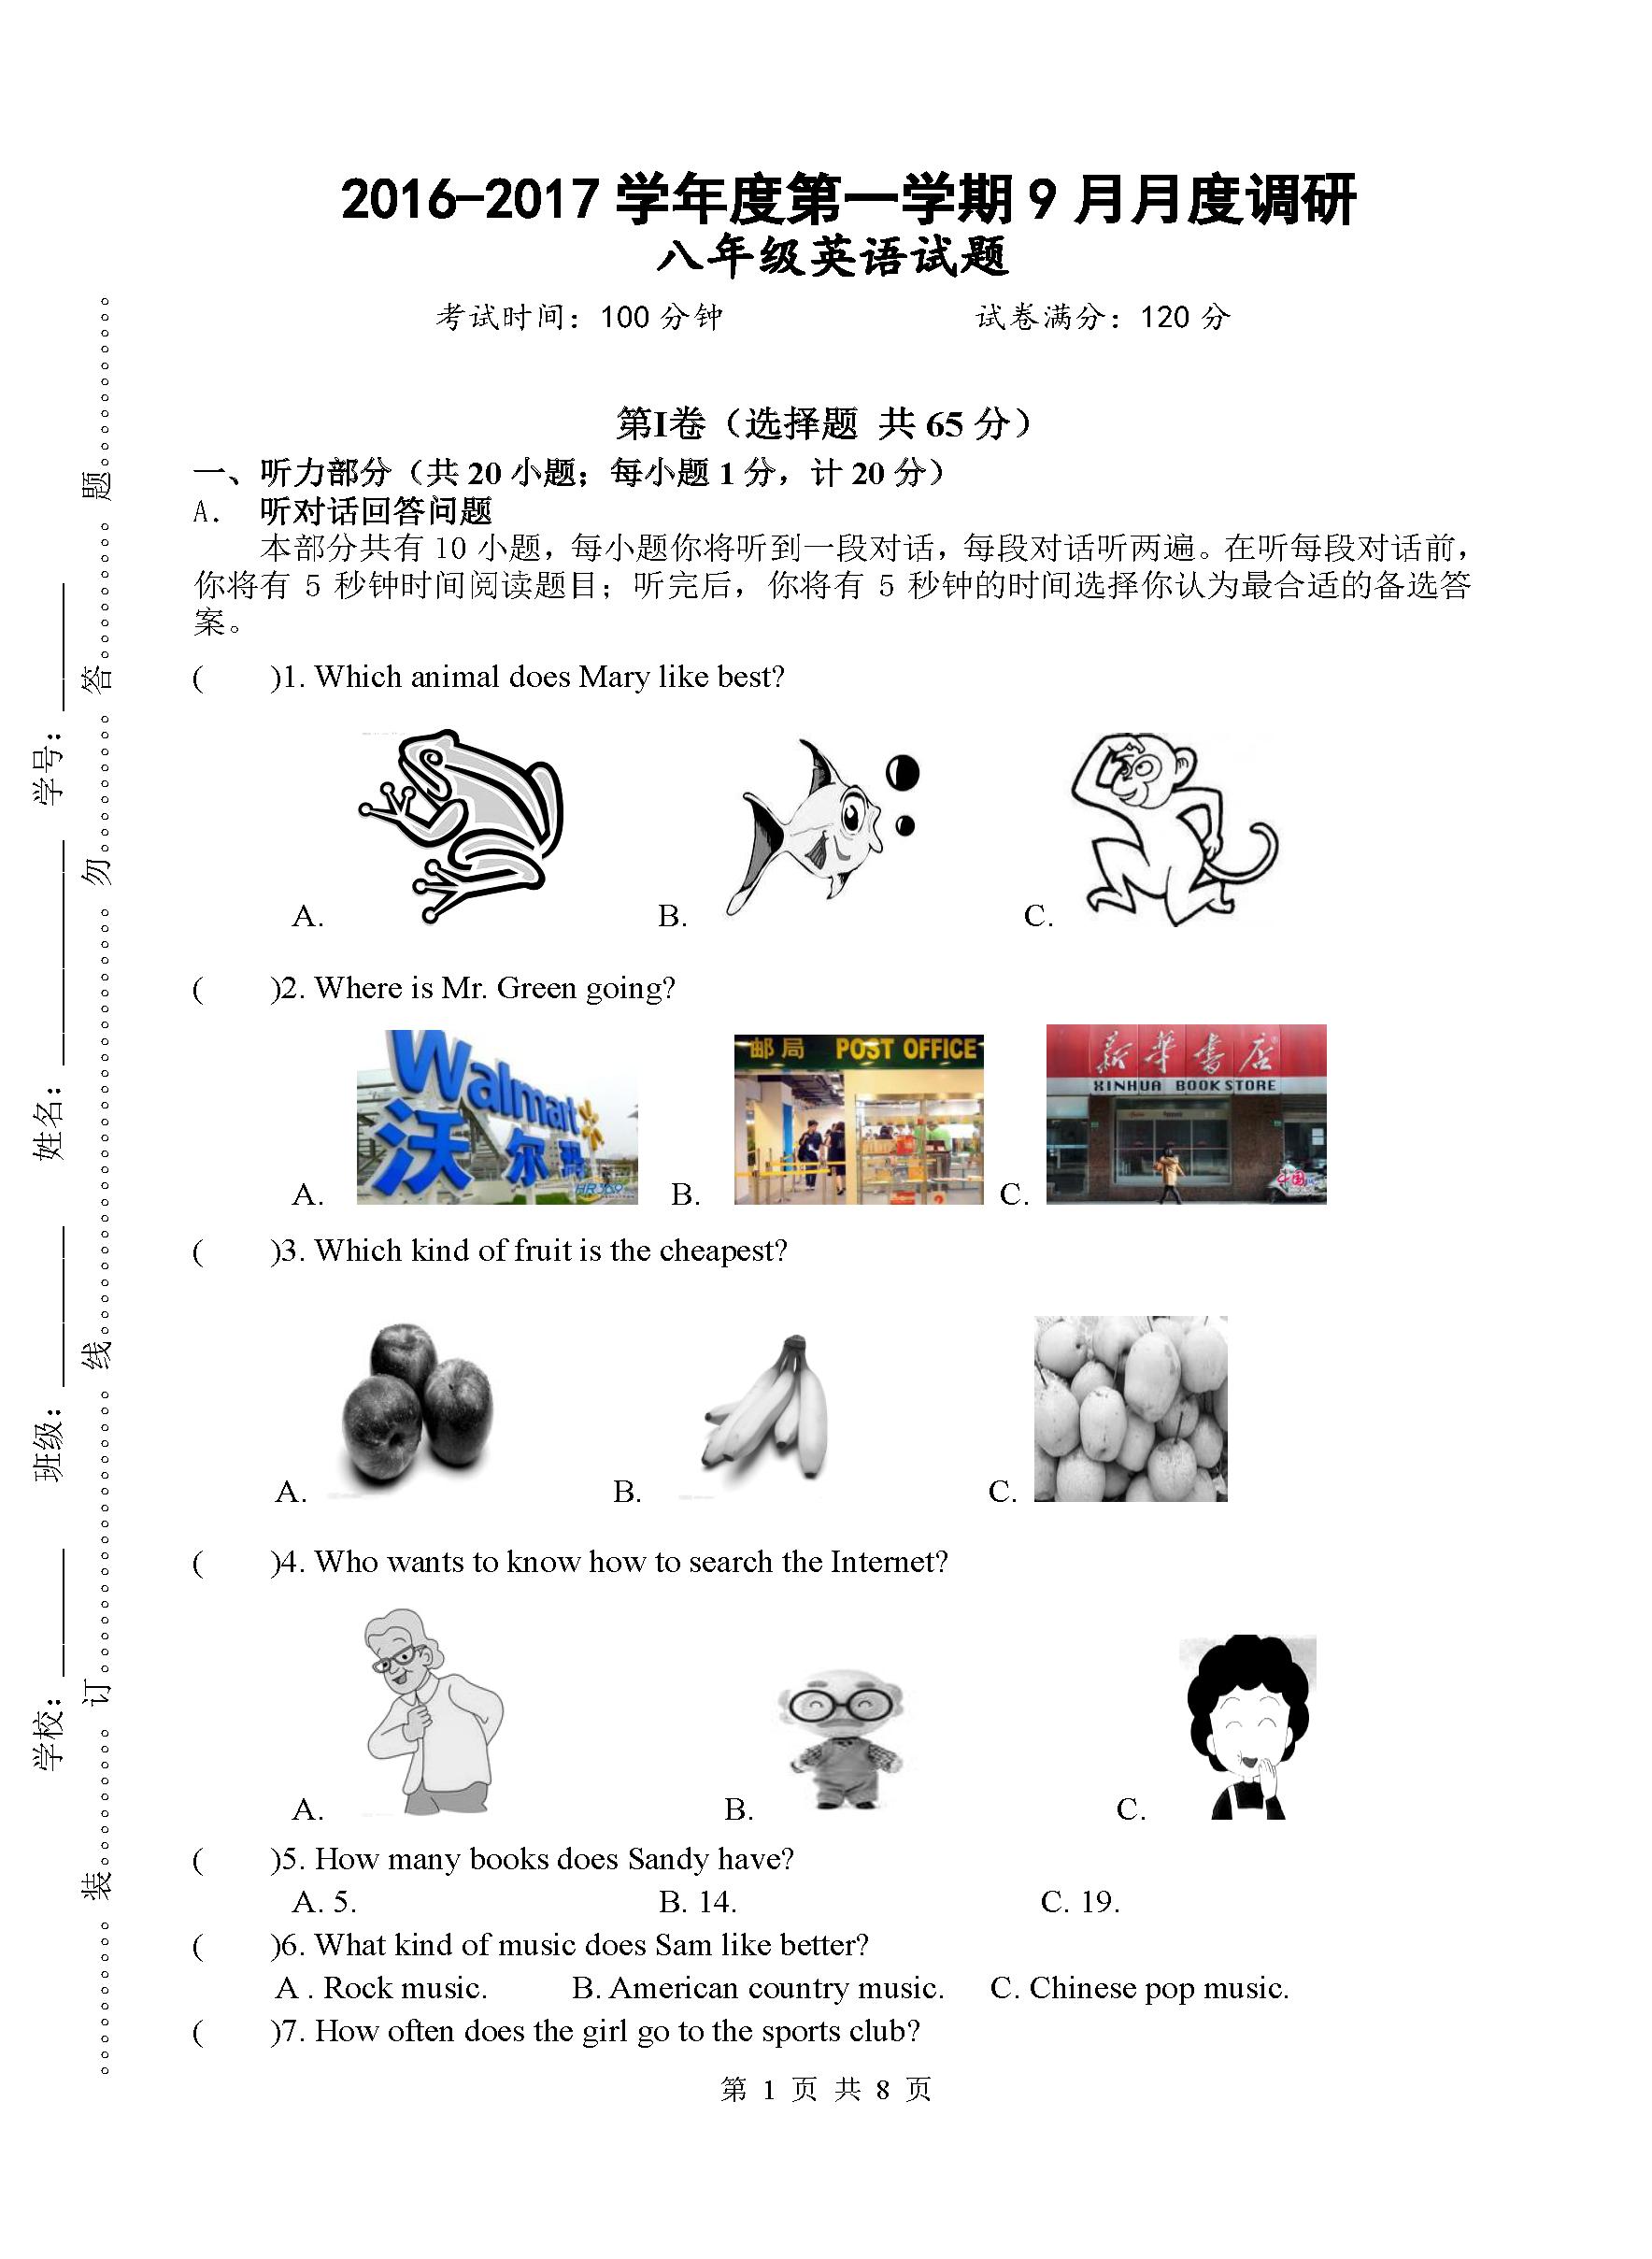 2017江苏靖江孤山初级中学8年级第一学期英语第一次月考(图片版)